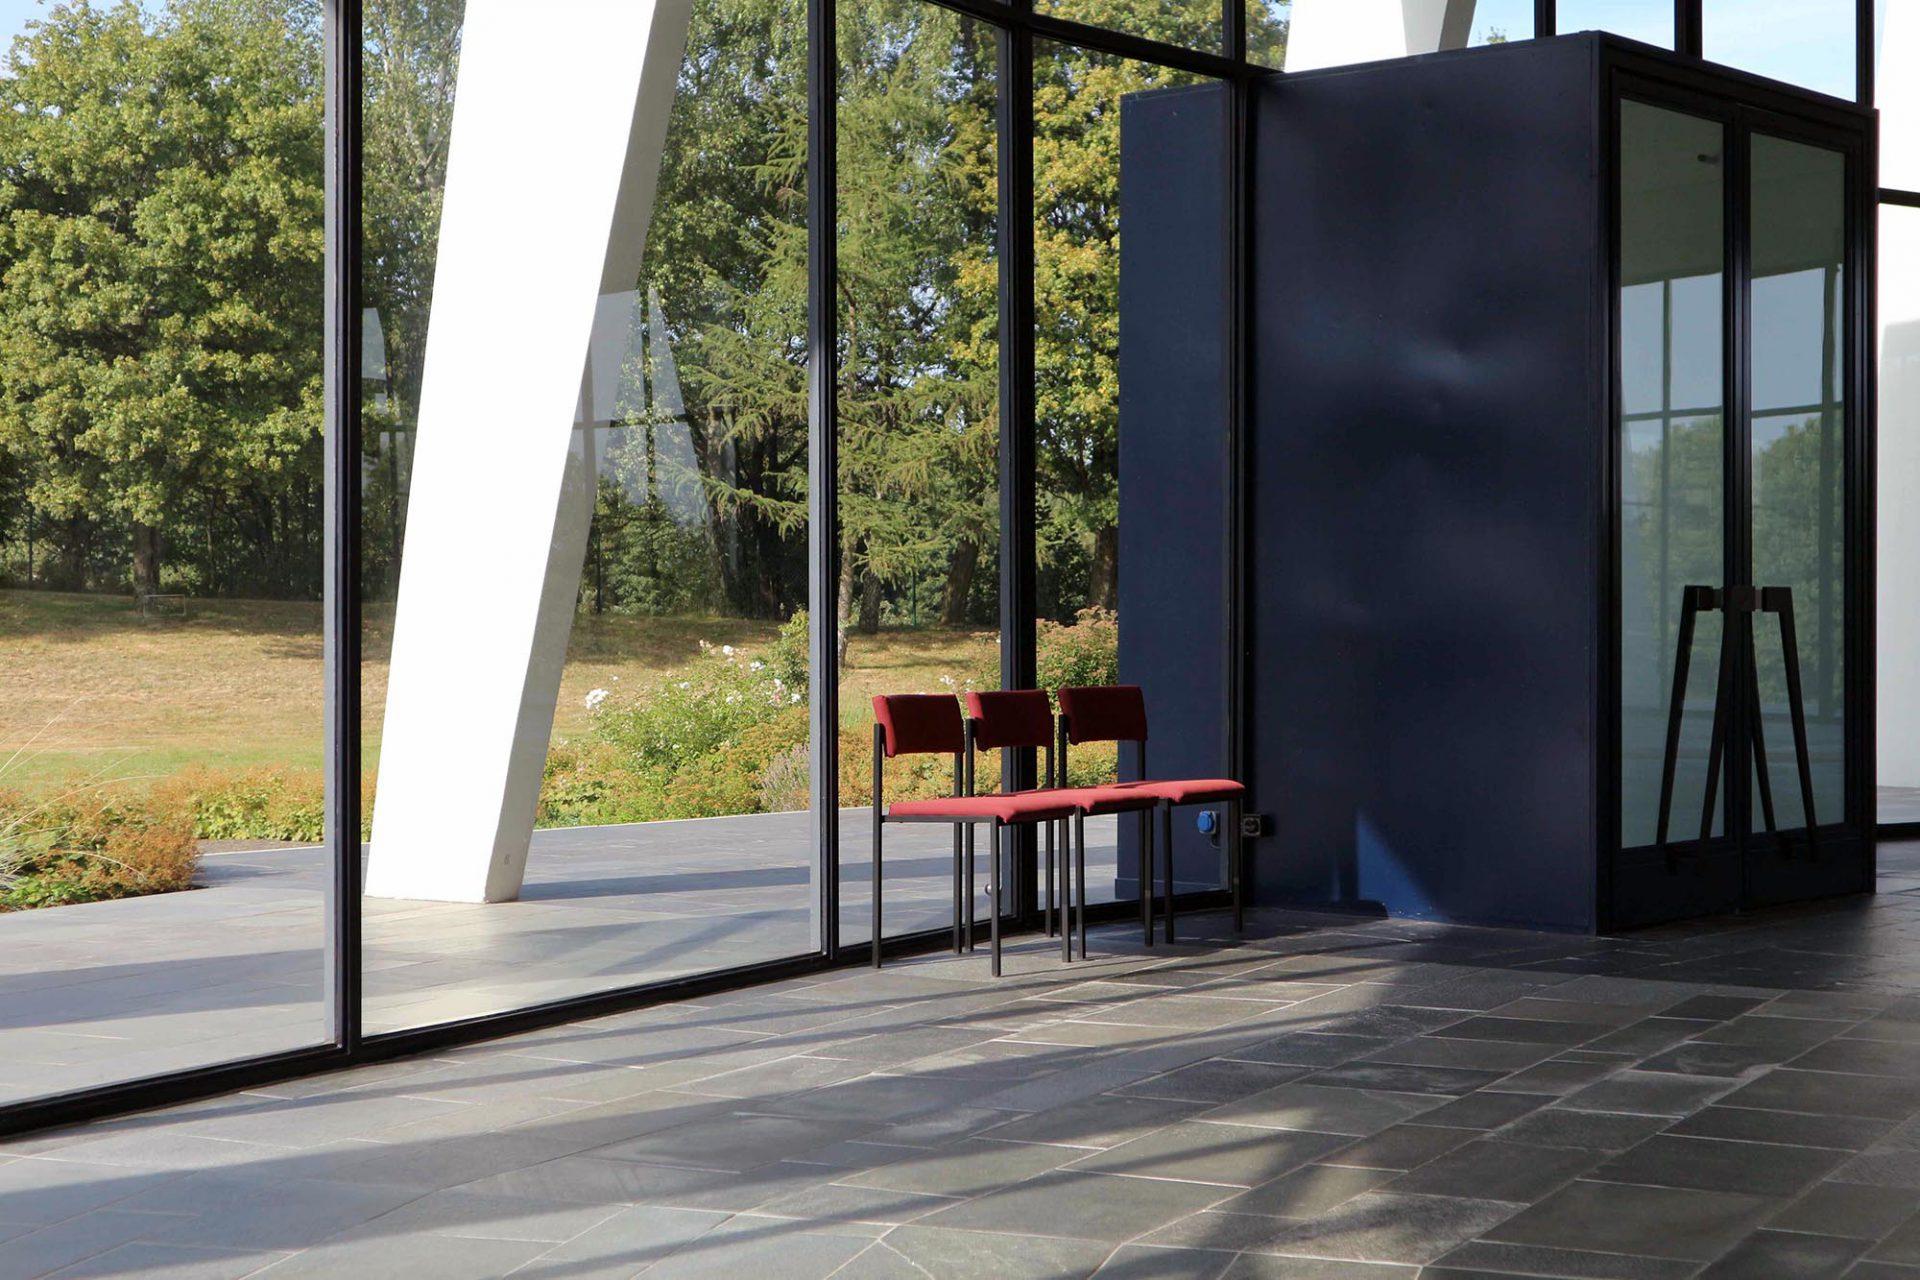 Der Umgang. Große Glasflächen verbinden Natur und Gebetshaus.